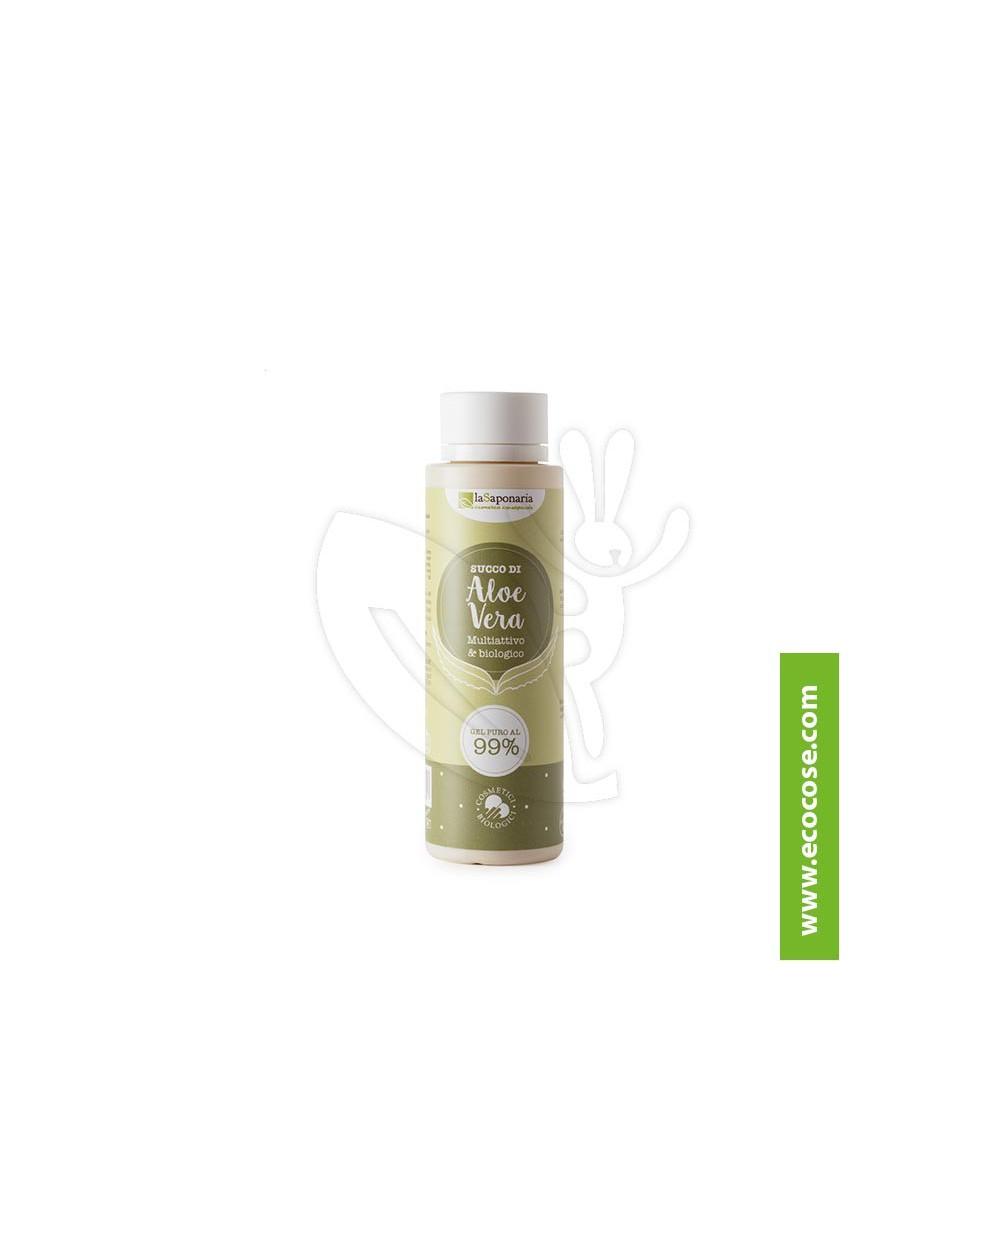 La Saponaria - Succo di Aloe - Gel di Aloe Vera Puro 99%